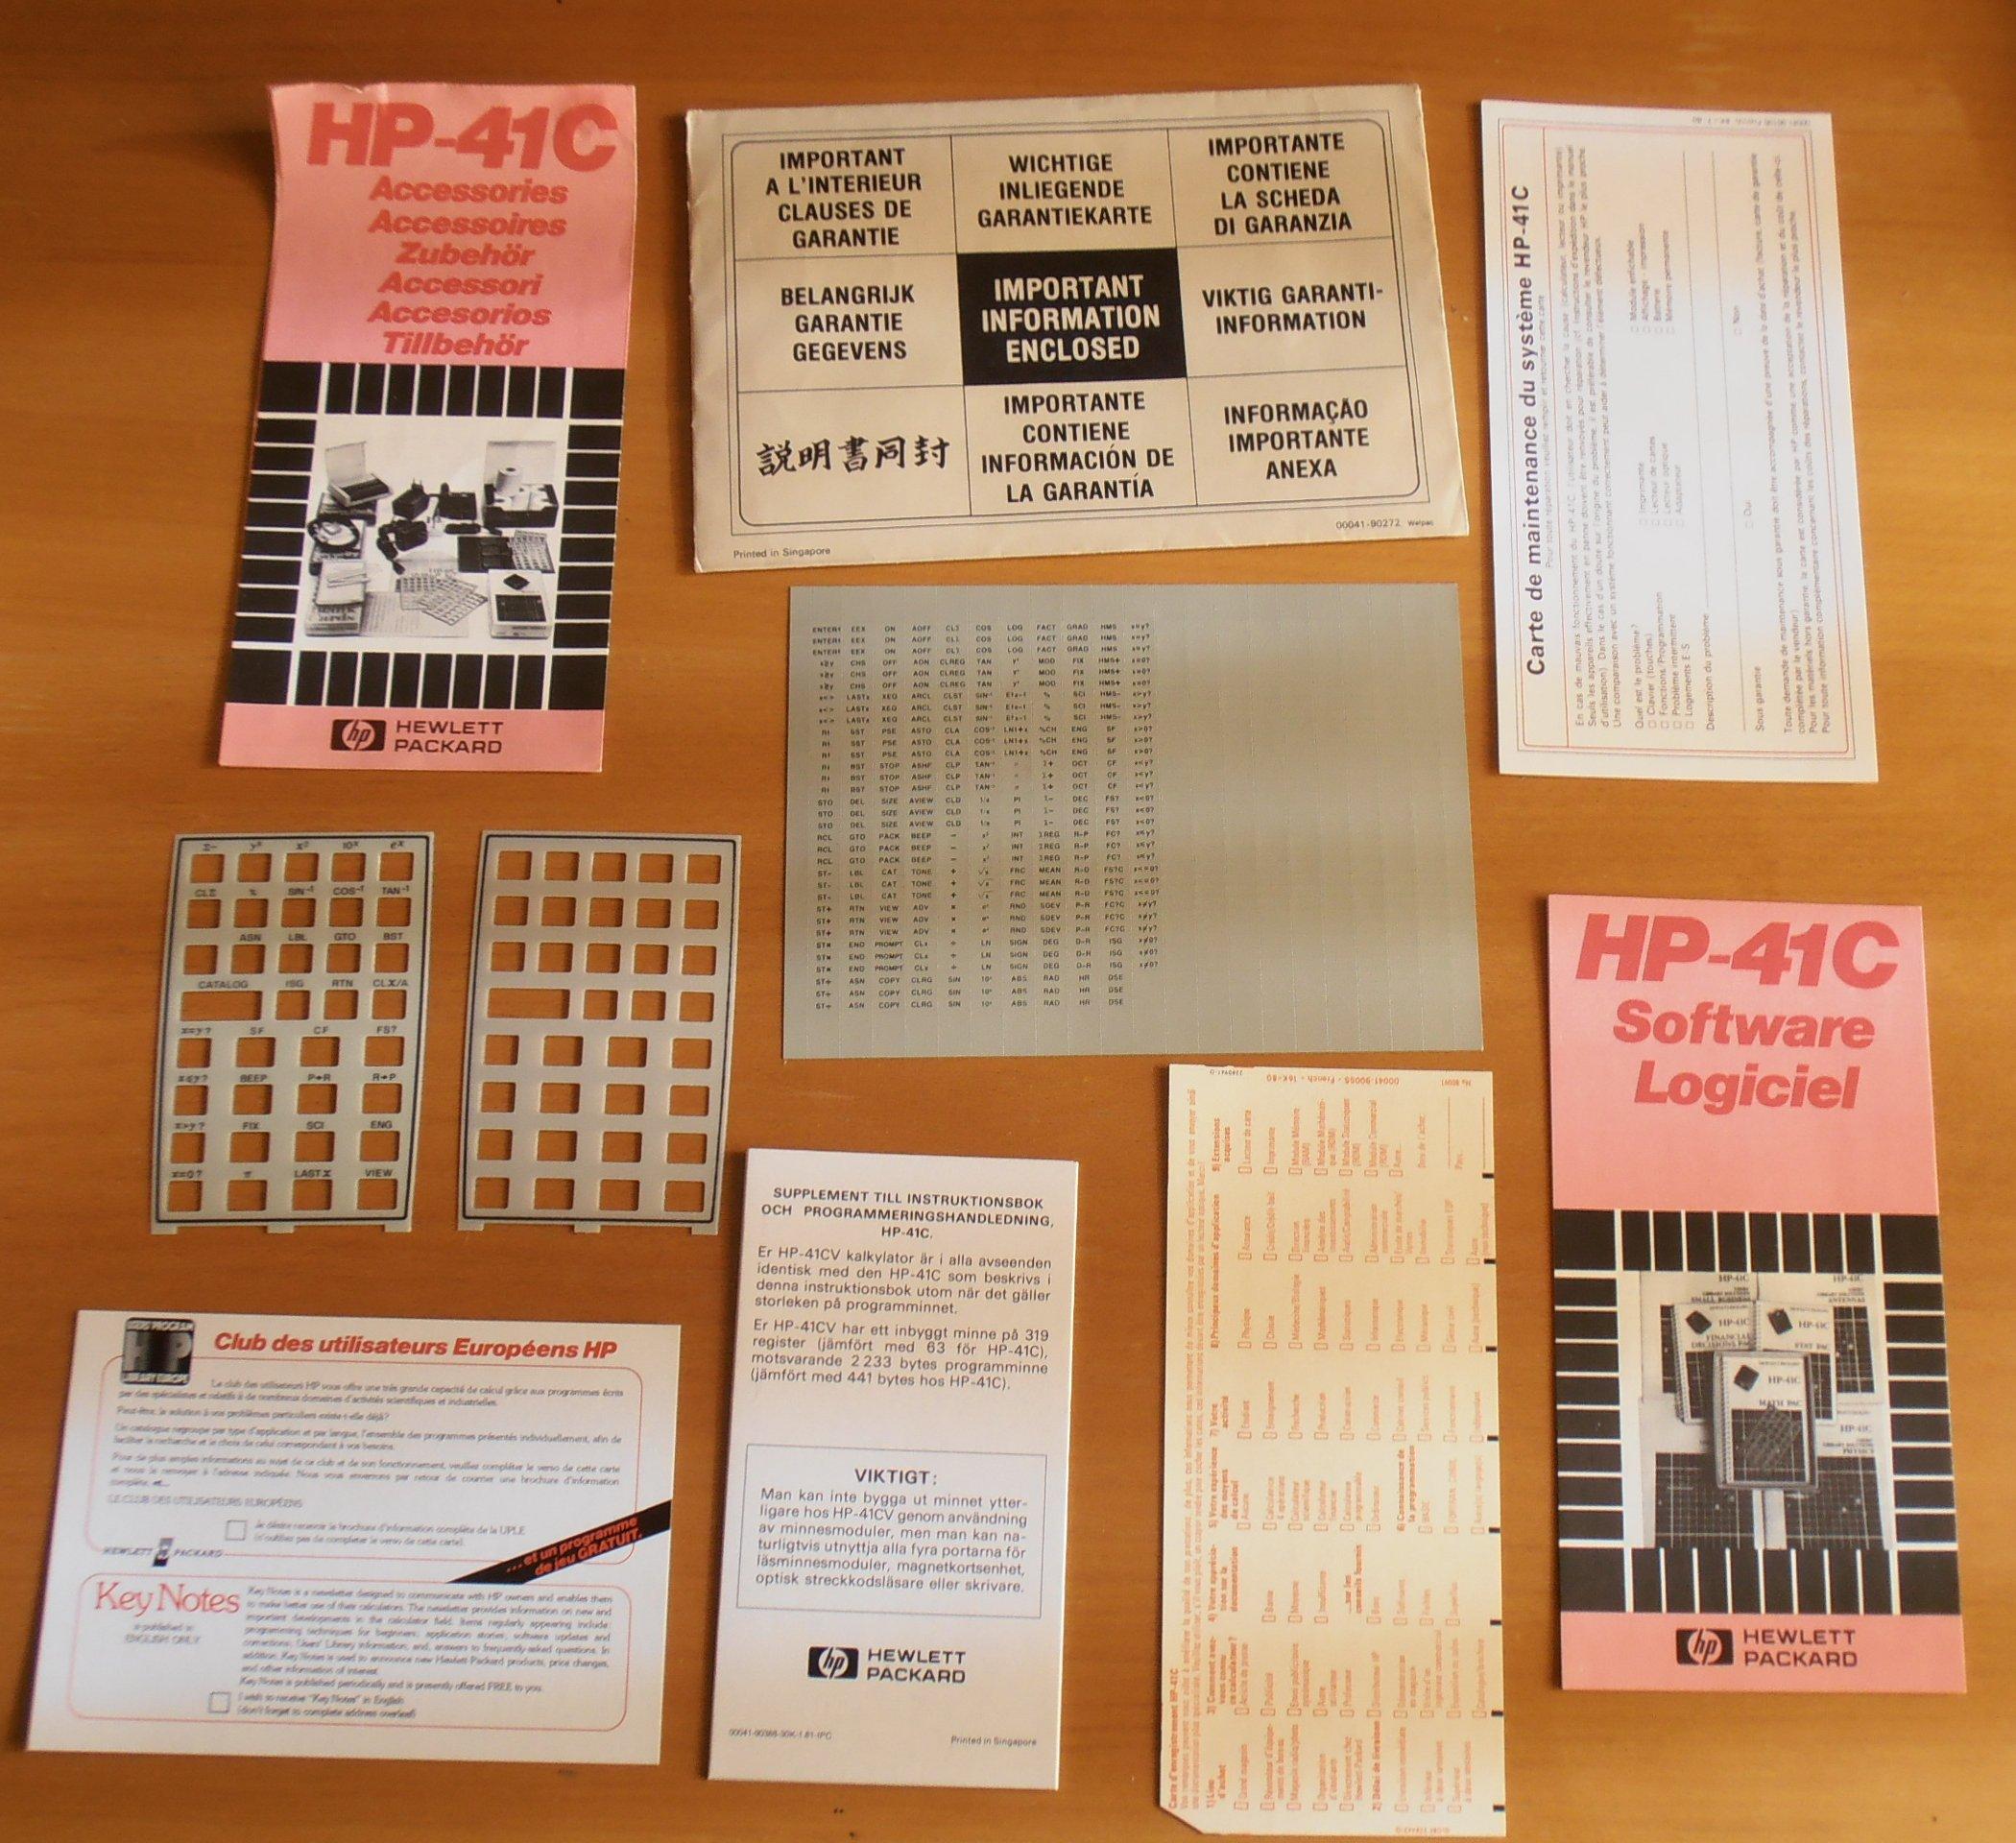 HP 41CV équipement